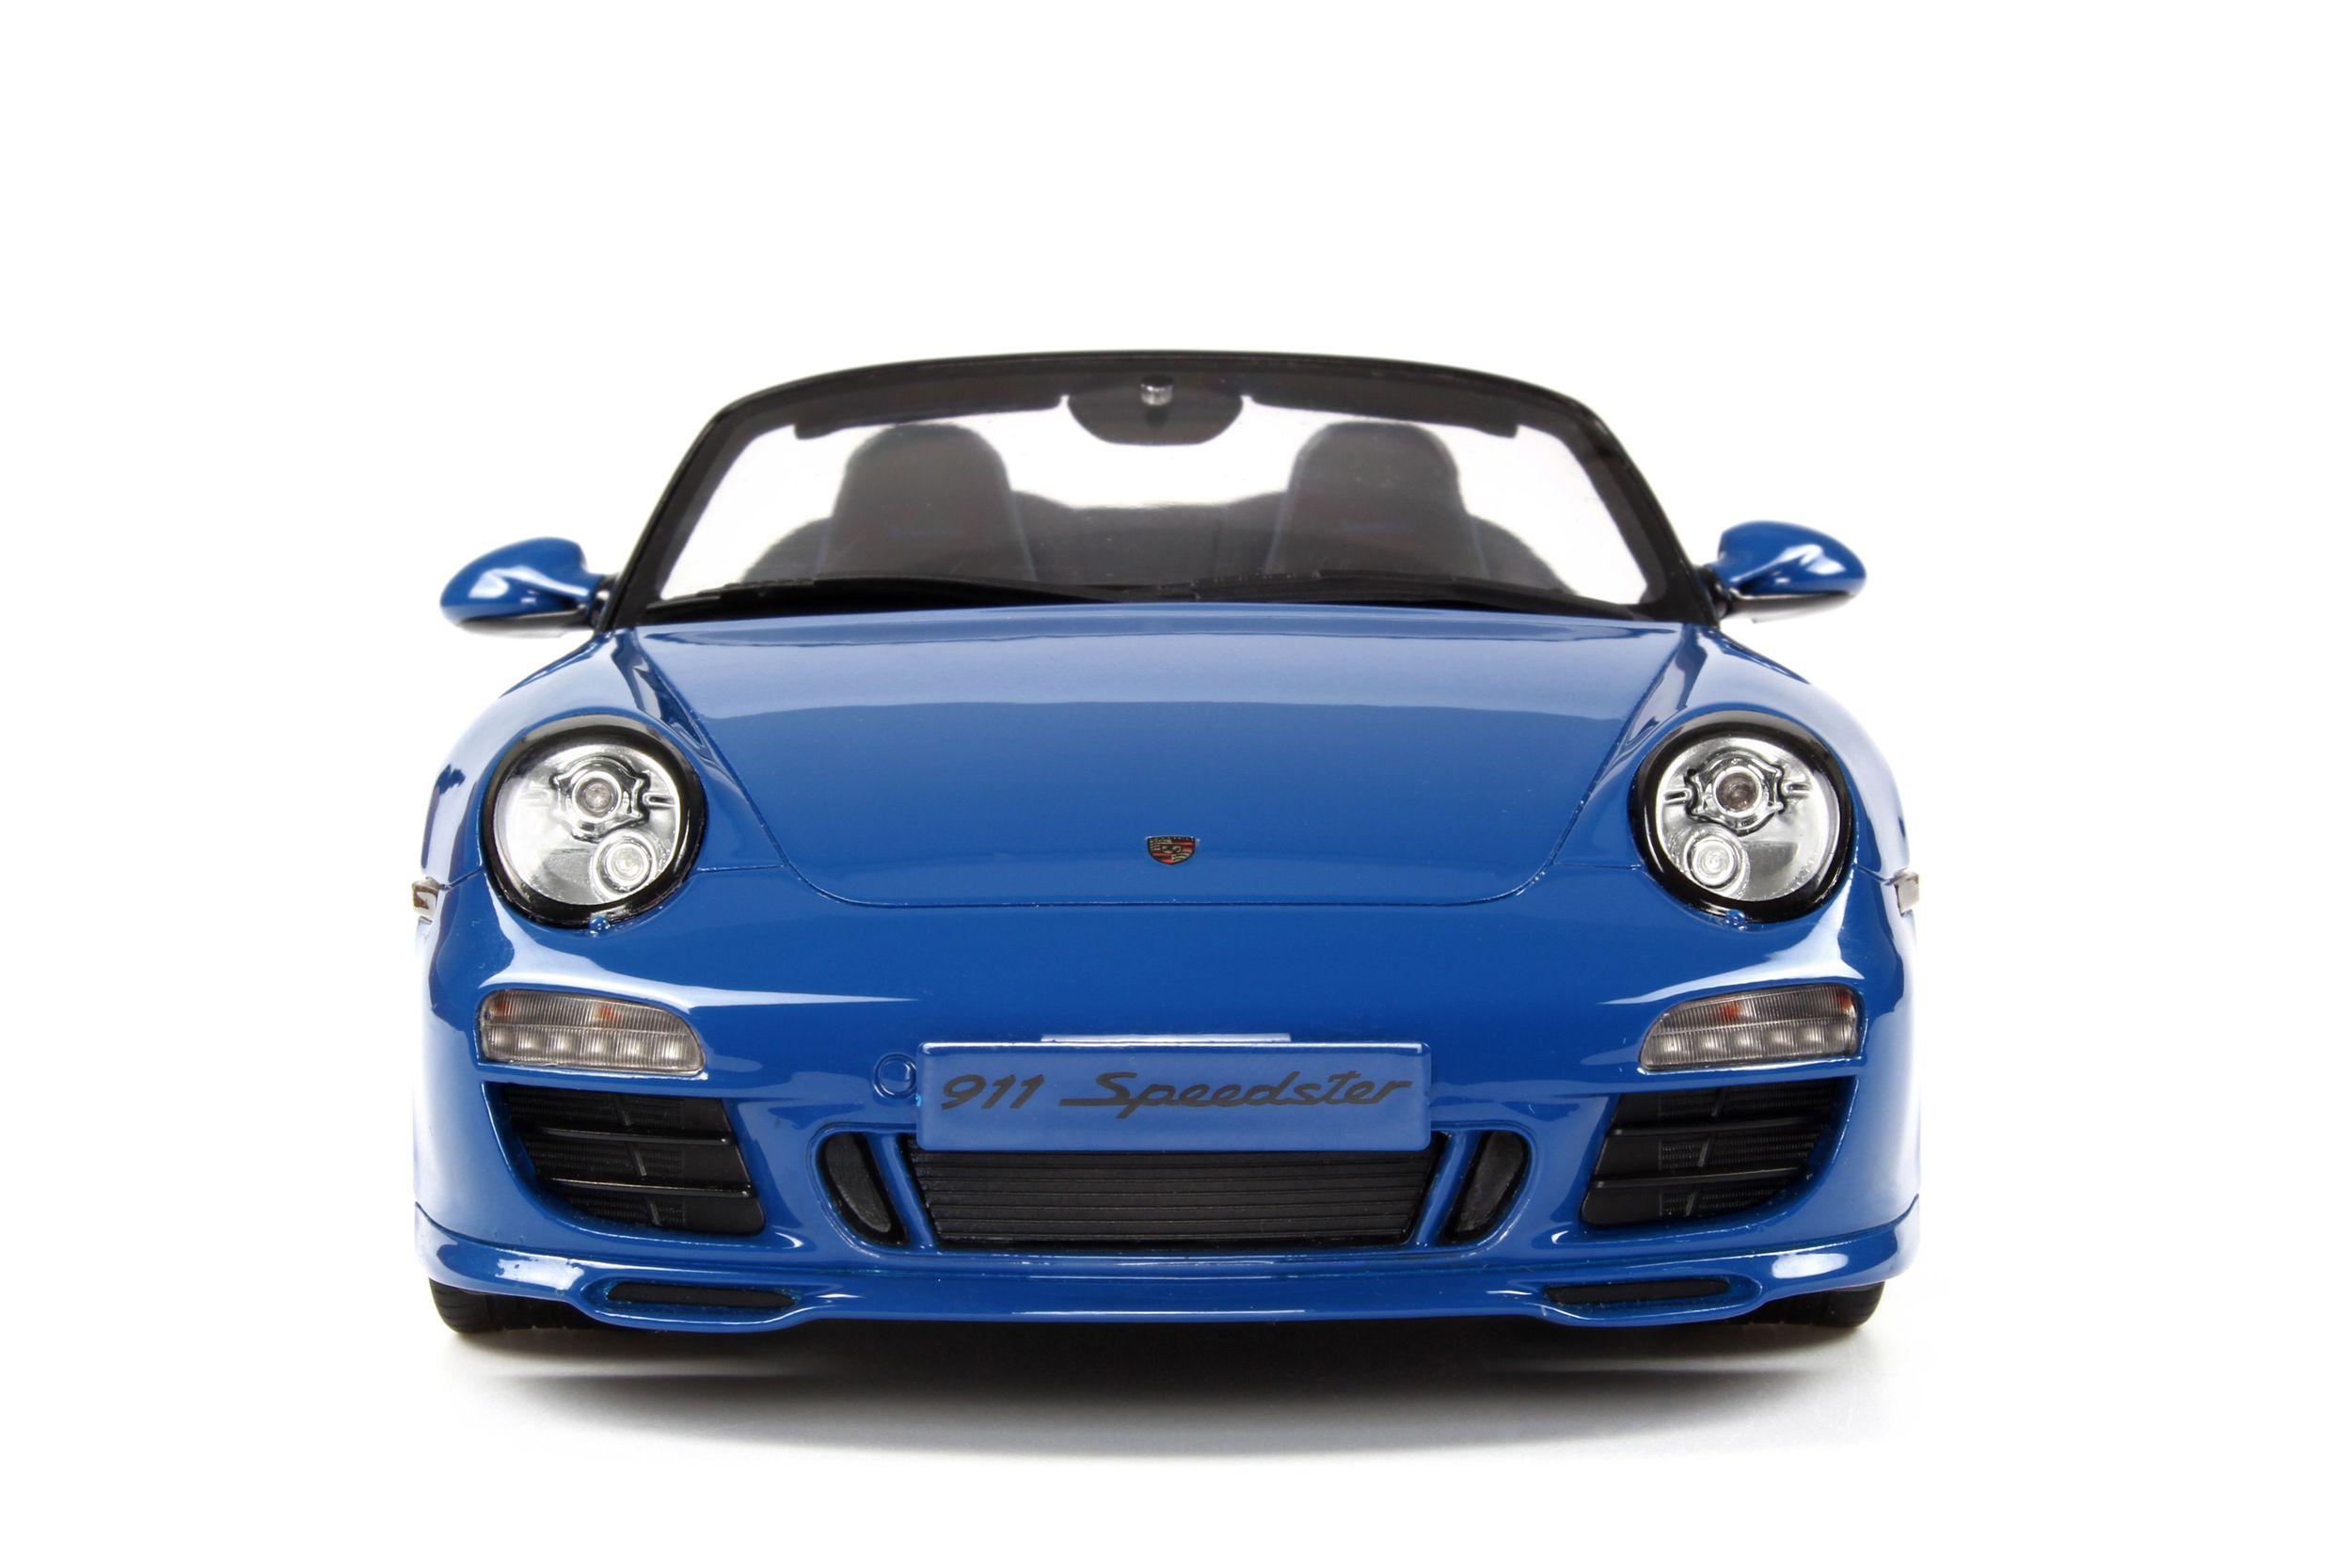 Porsche 911 997 Speedster Model Car Collection Gt Spirit